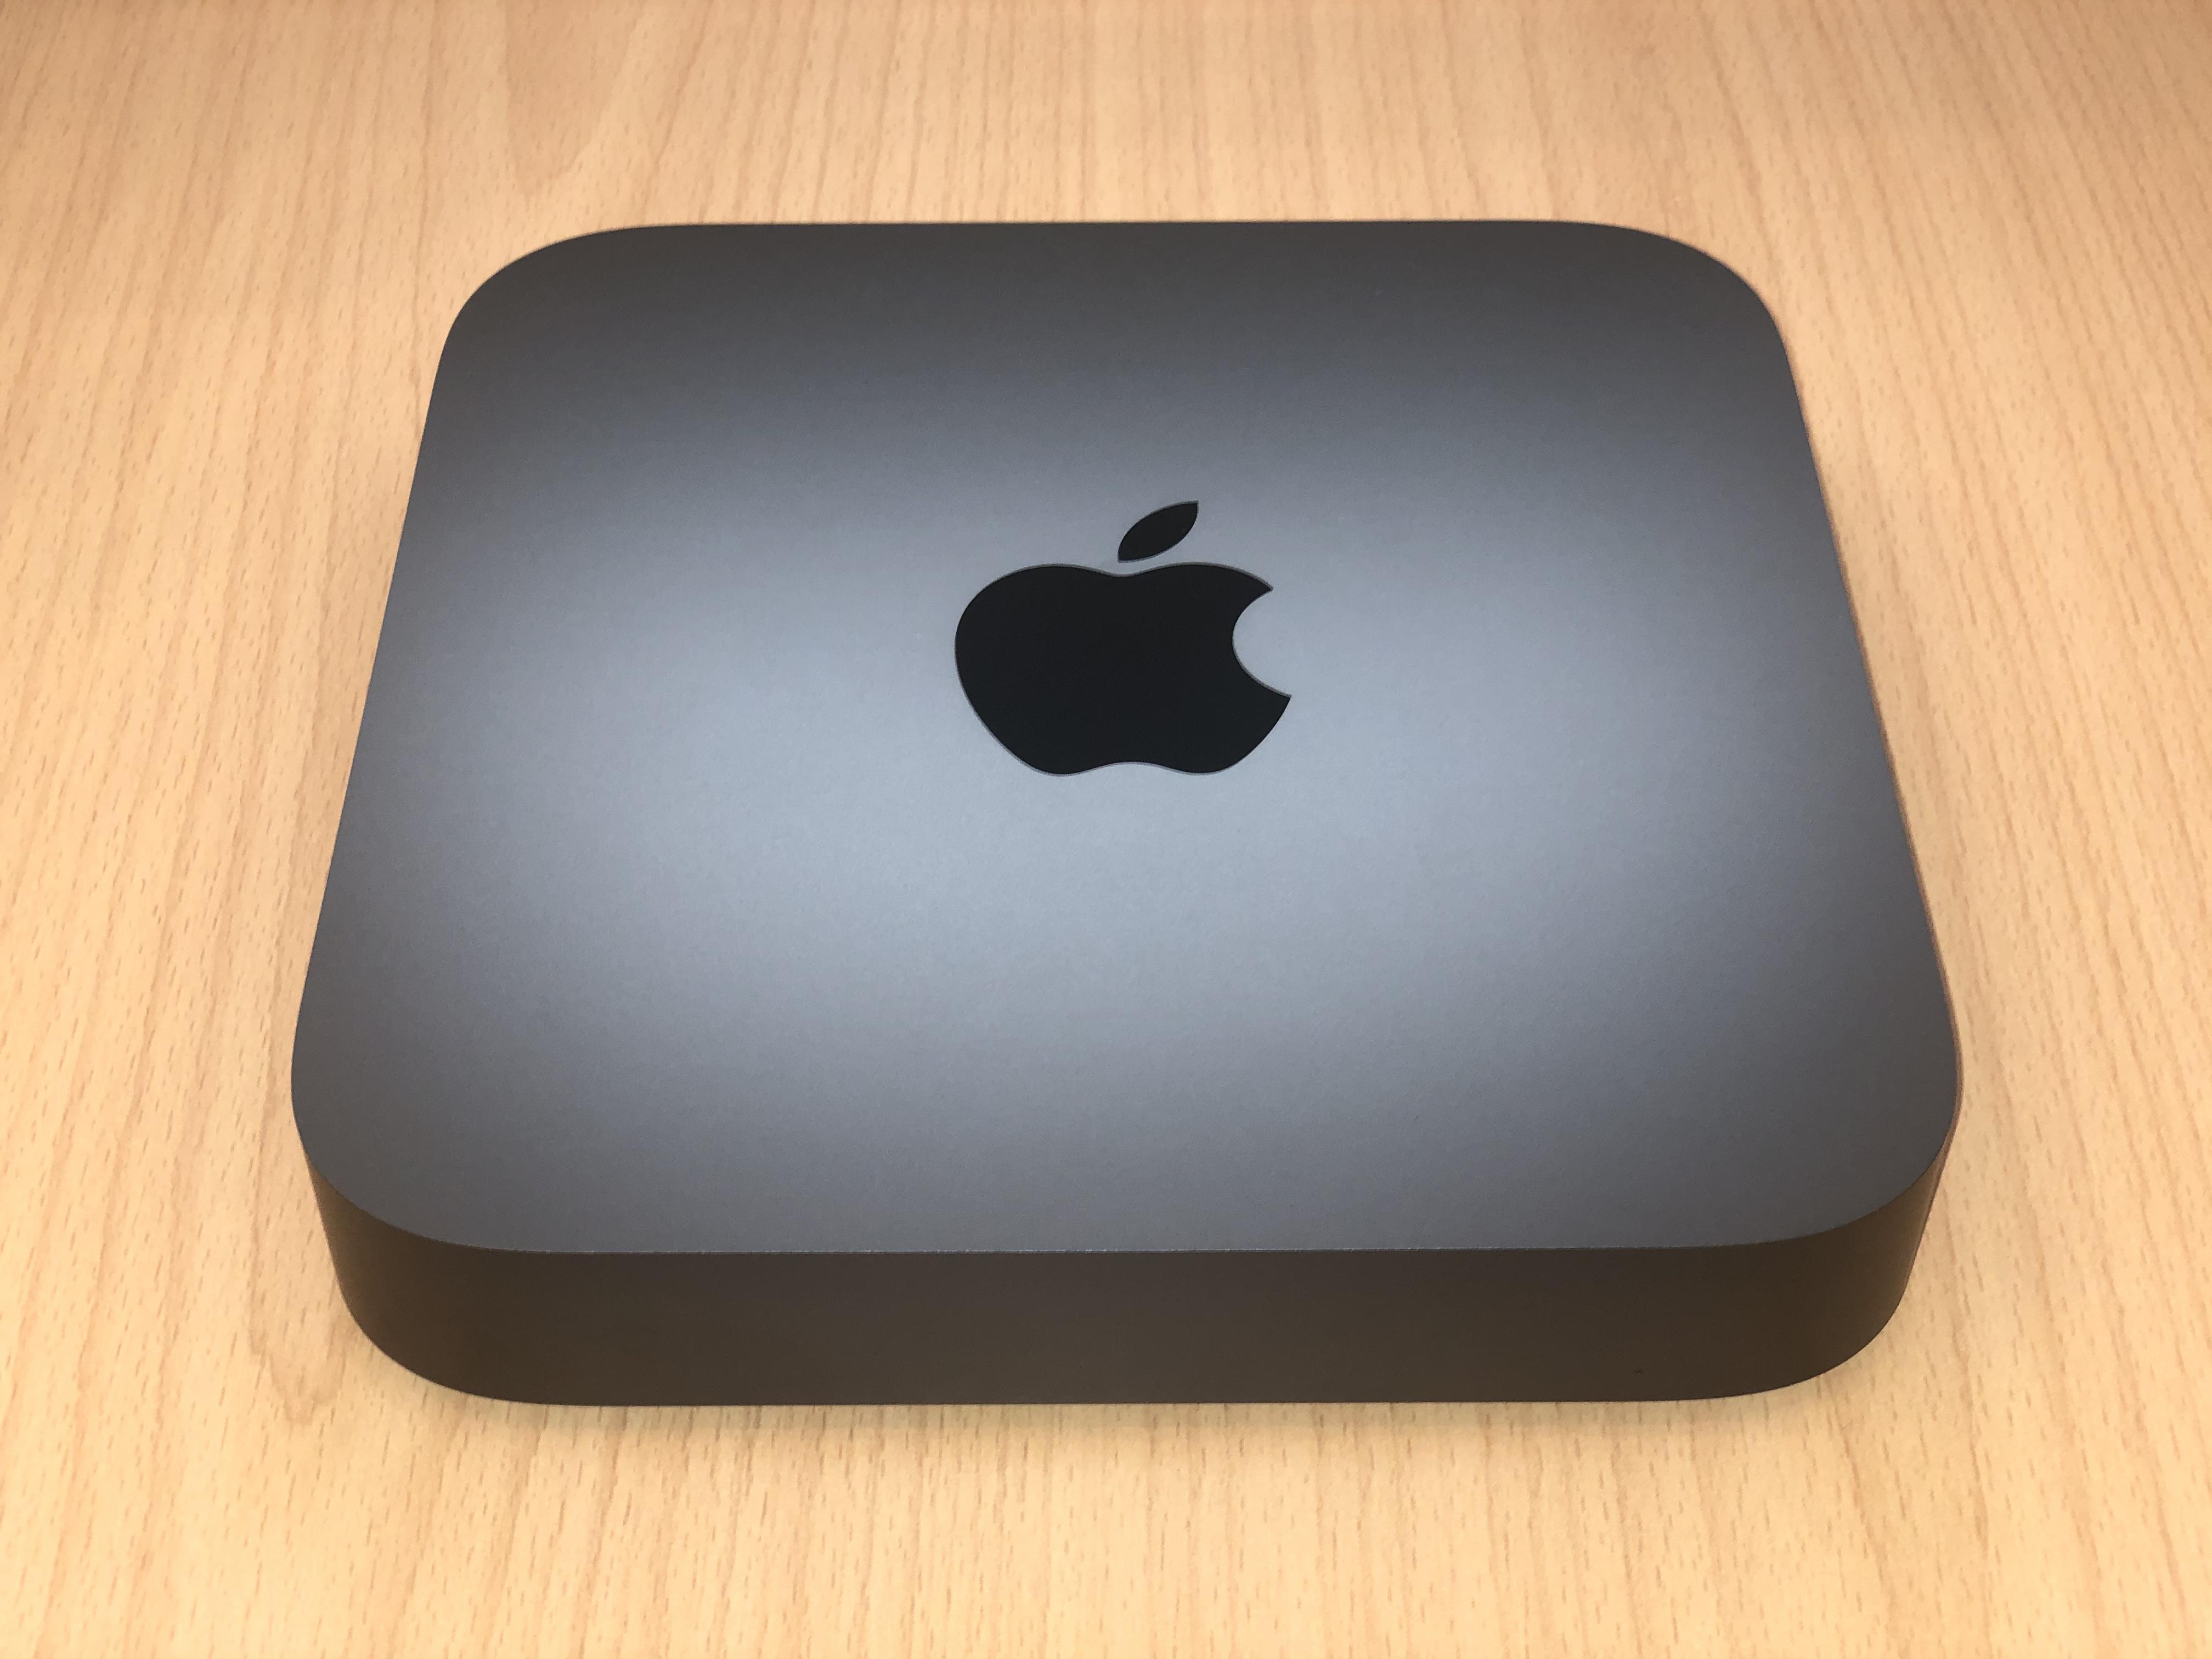 Mac mini – Wikipedia